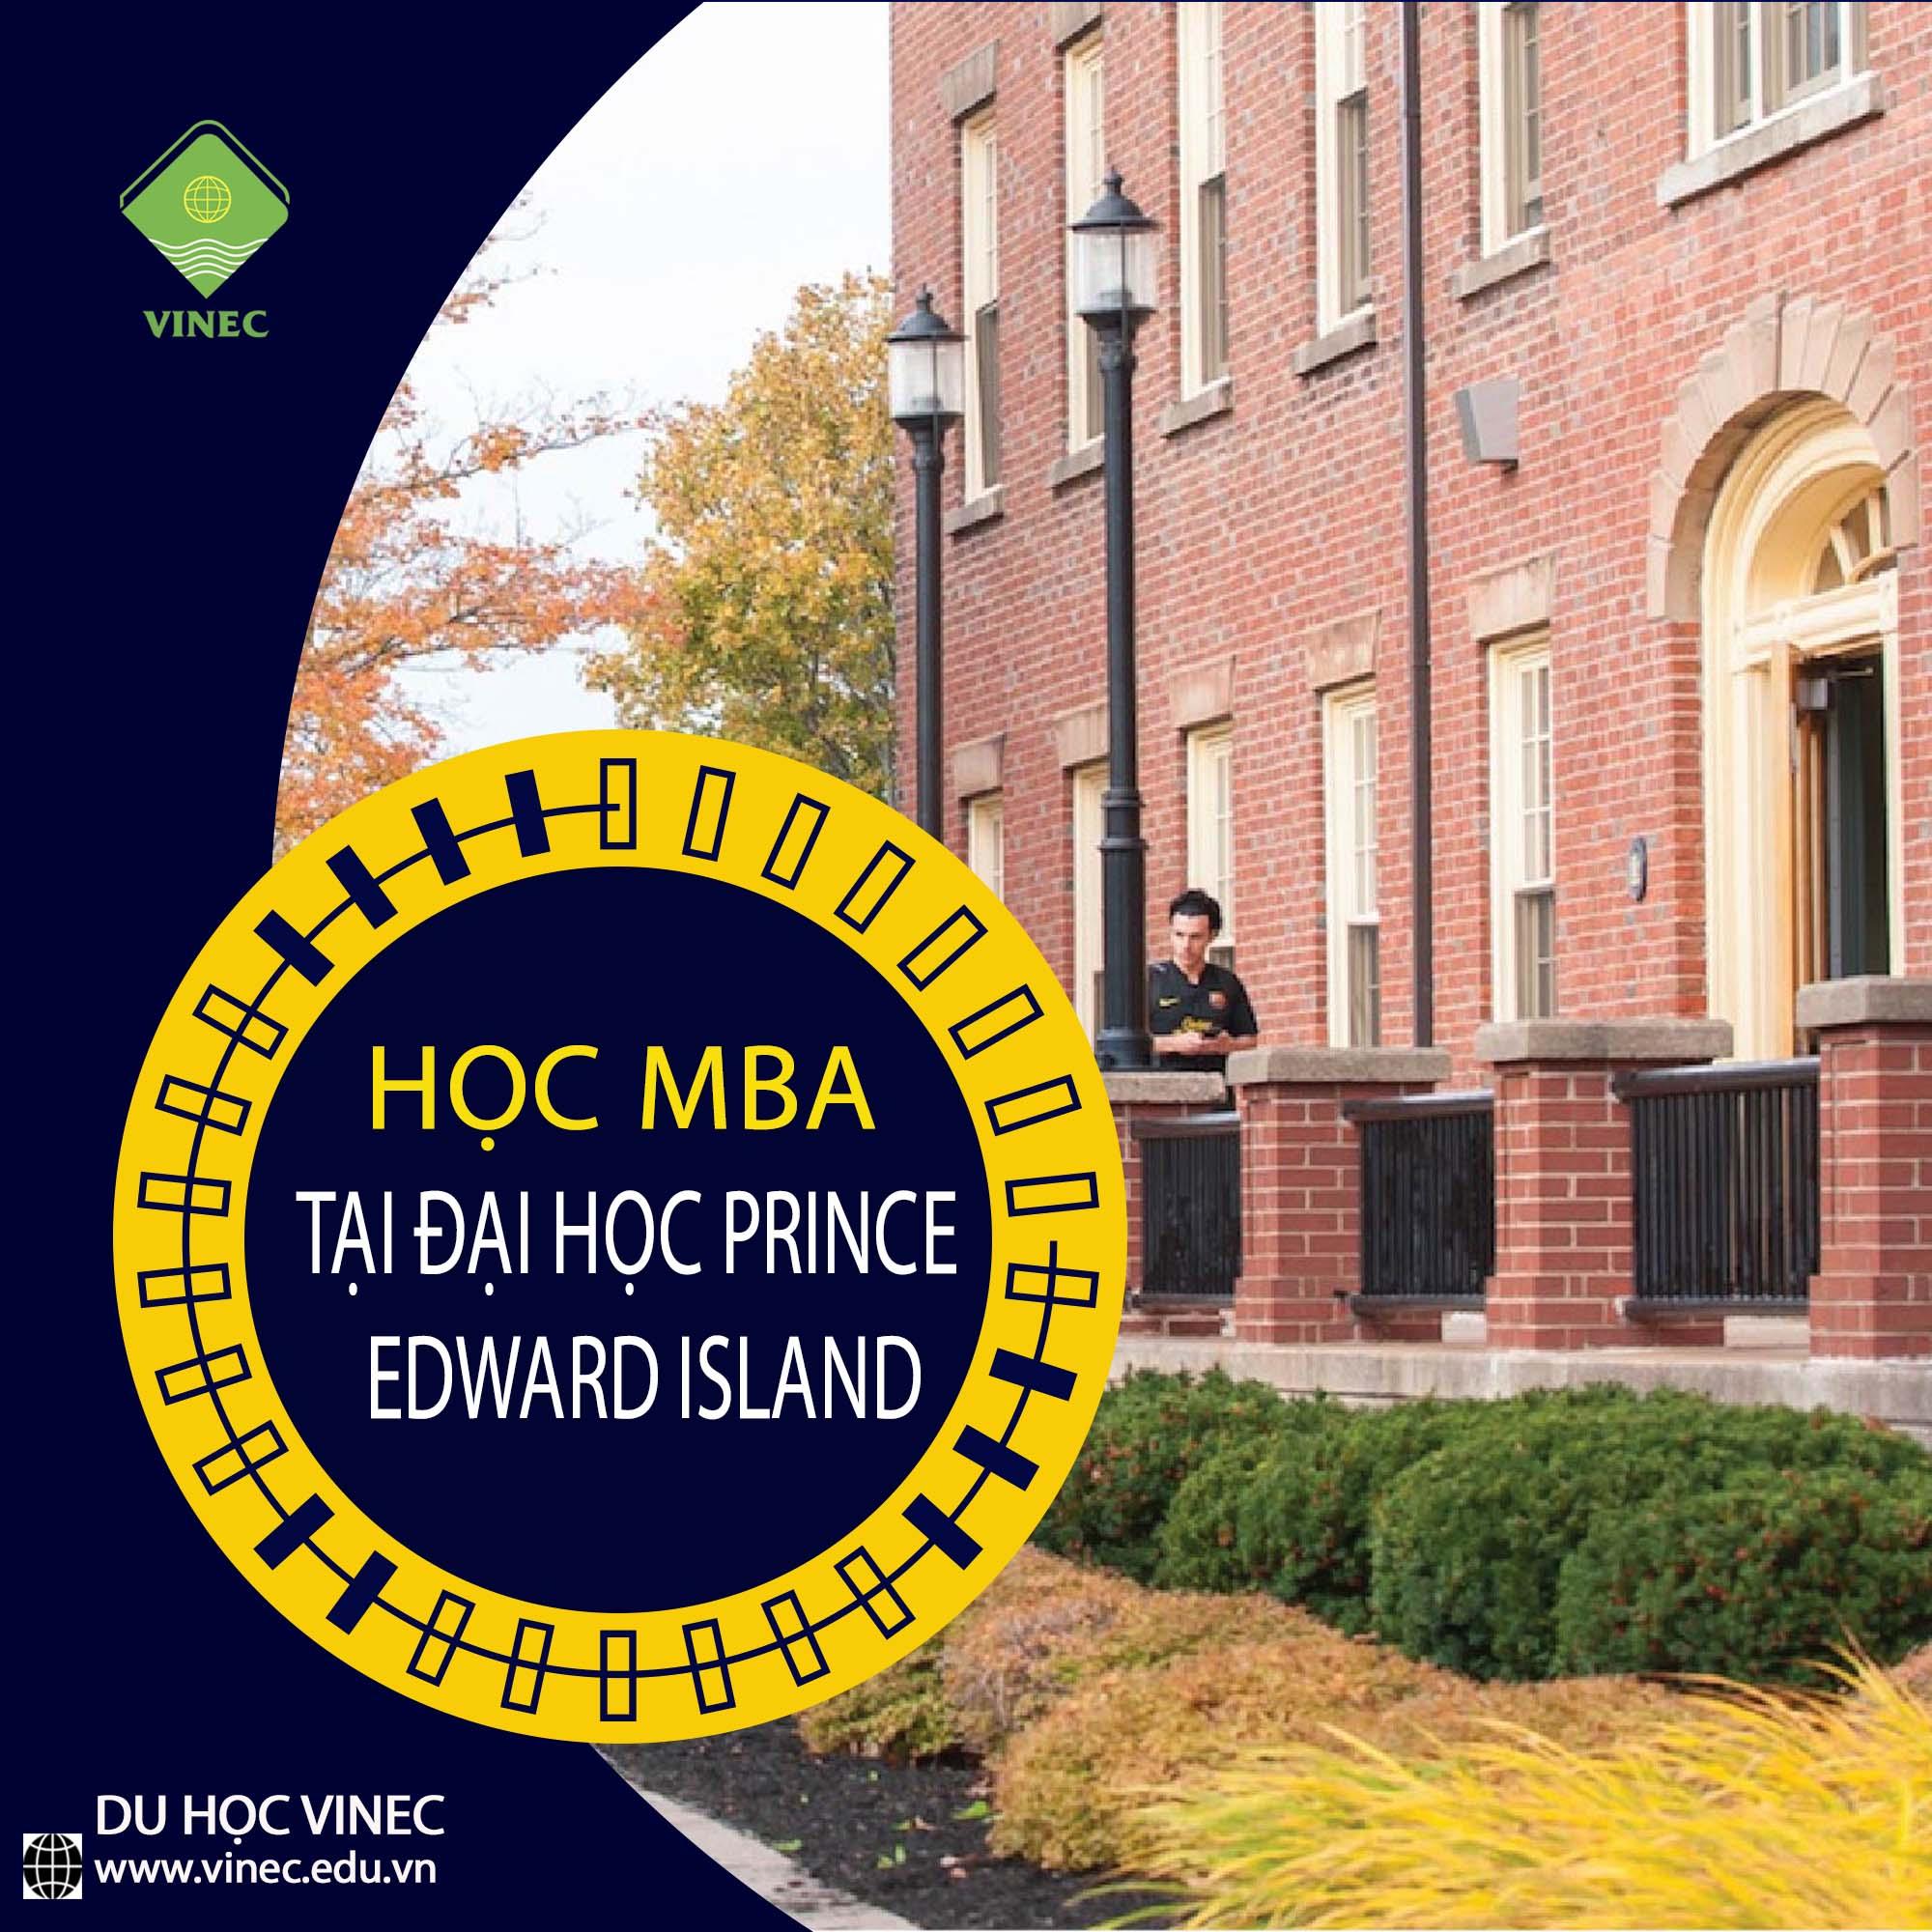 Thế mạnh chương trình MBA tại University of Prince Edward Island và cơ hội việc làm, định cư tại tỉnh bang Prince Edward Island.